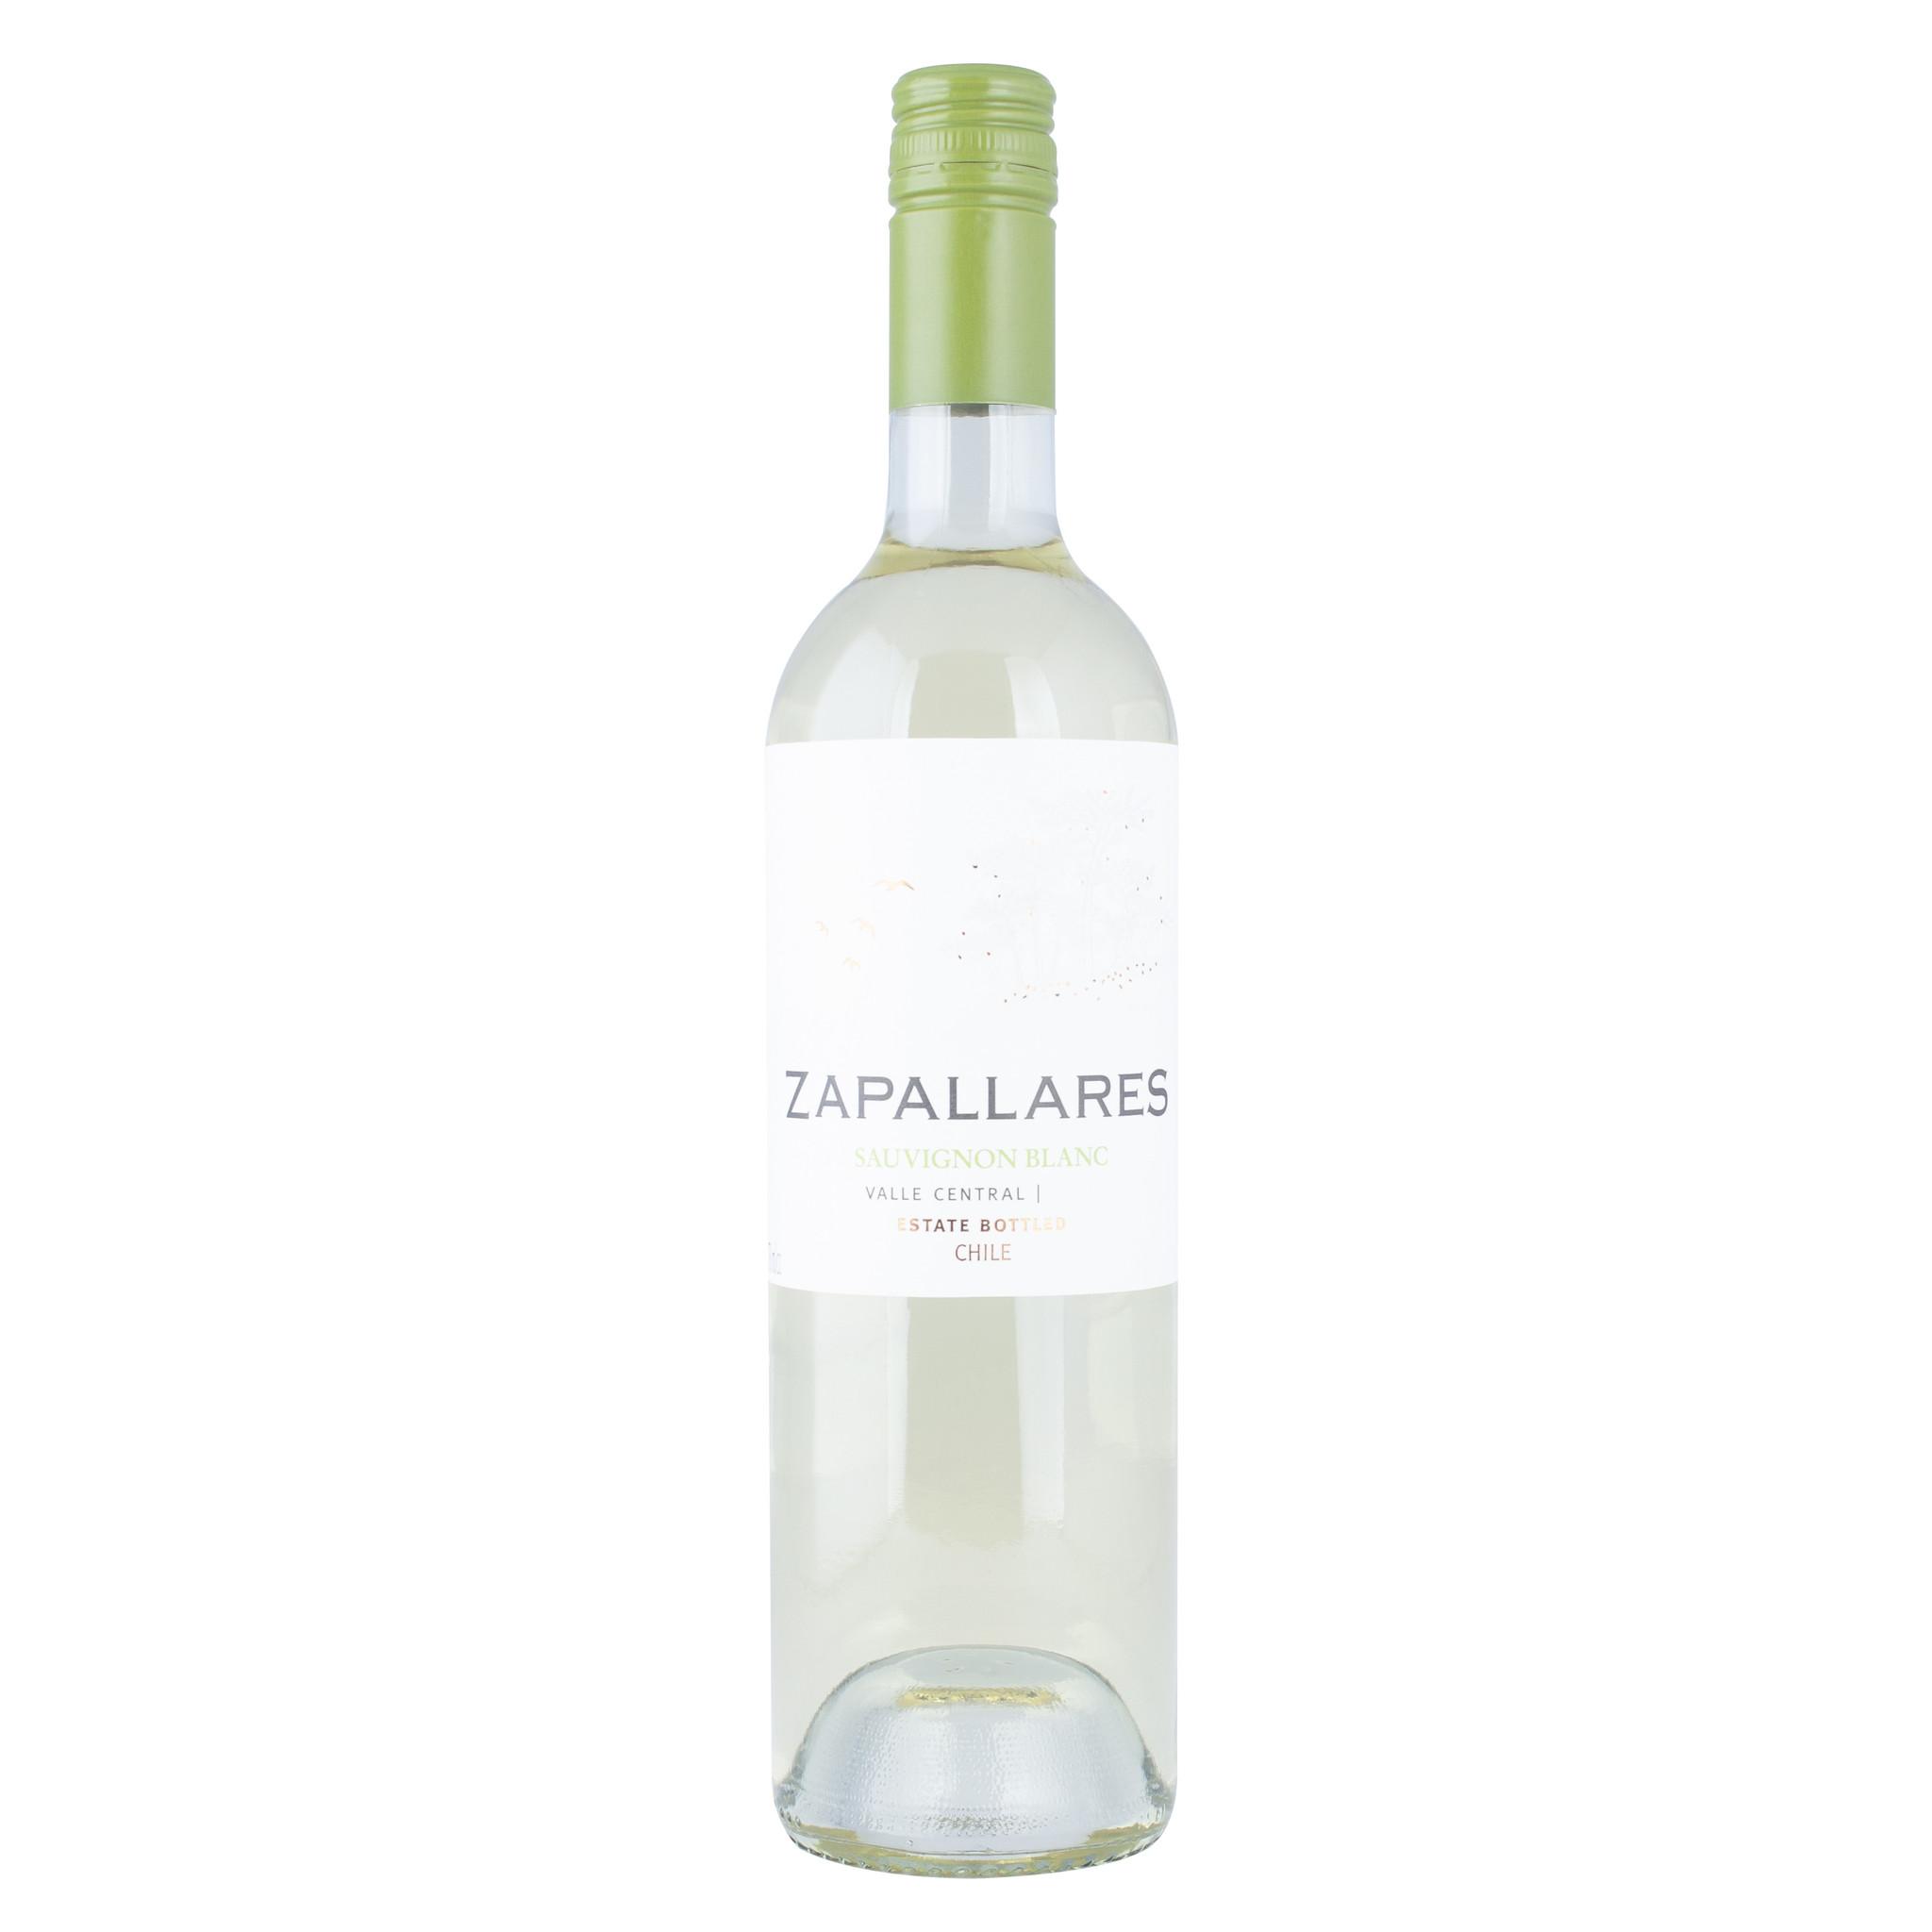 Zapallares Sauvignon Blanc 2019